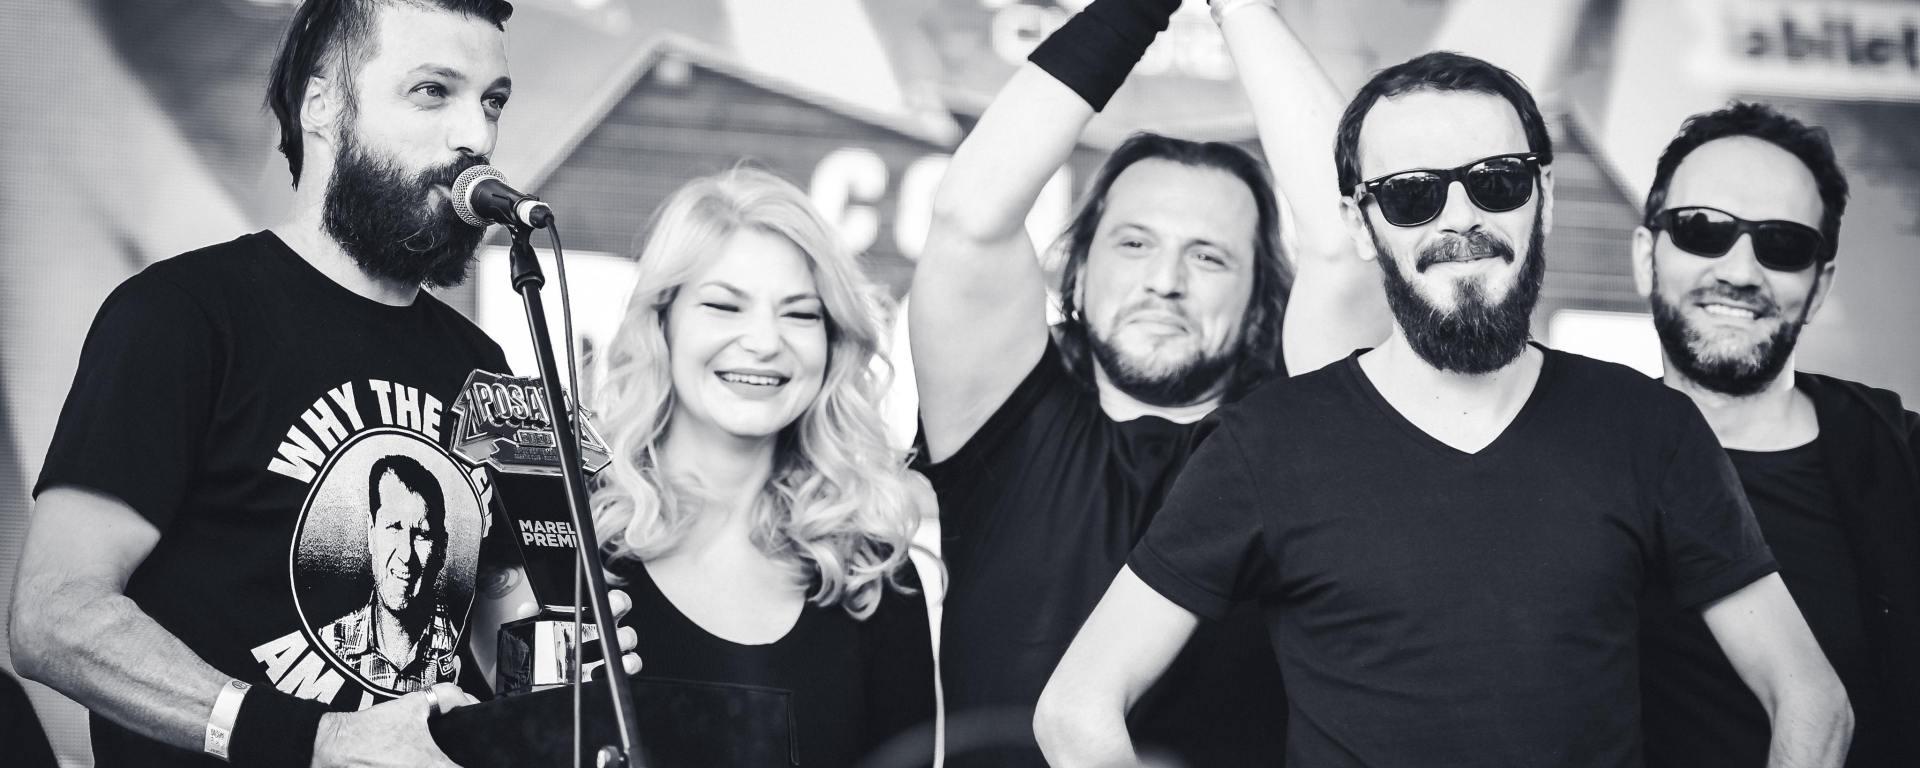 Olympus Mons a castigat Marele Premiu al concursului Posada Rock 2020